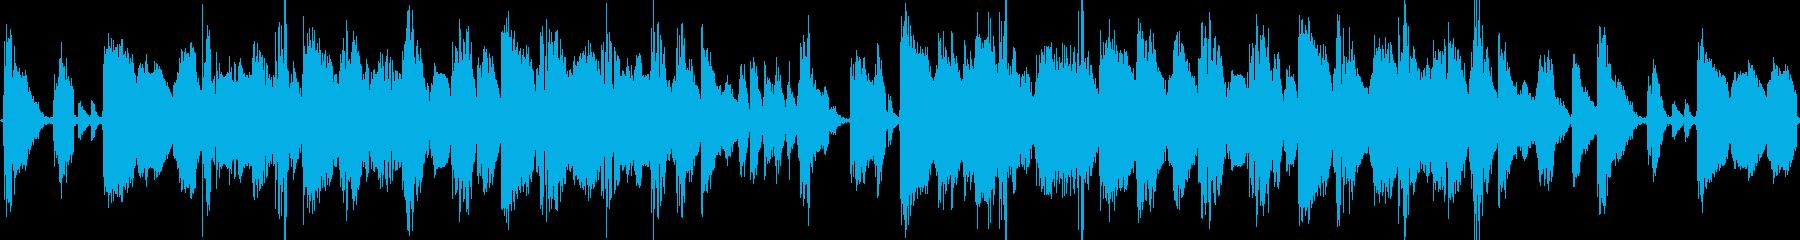 ダブステップのループBGMの再生済みの波形